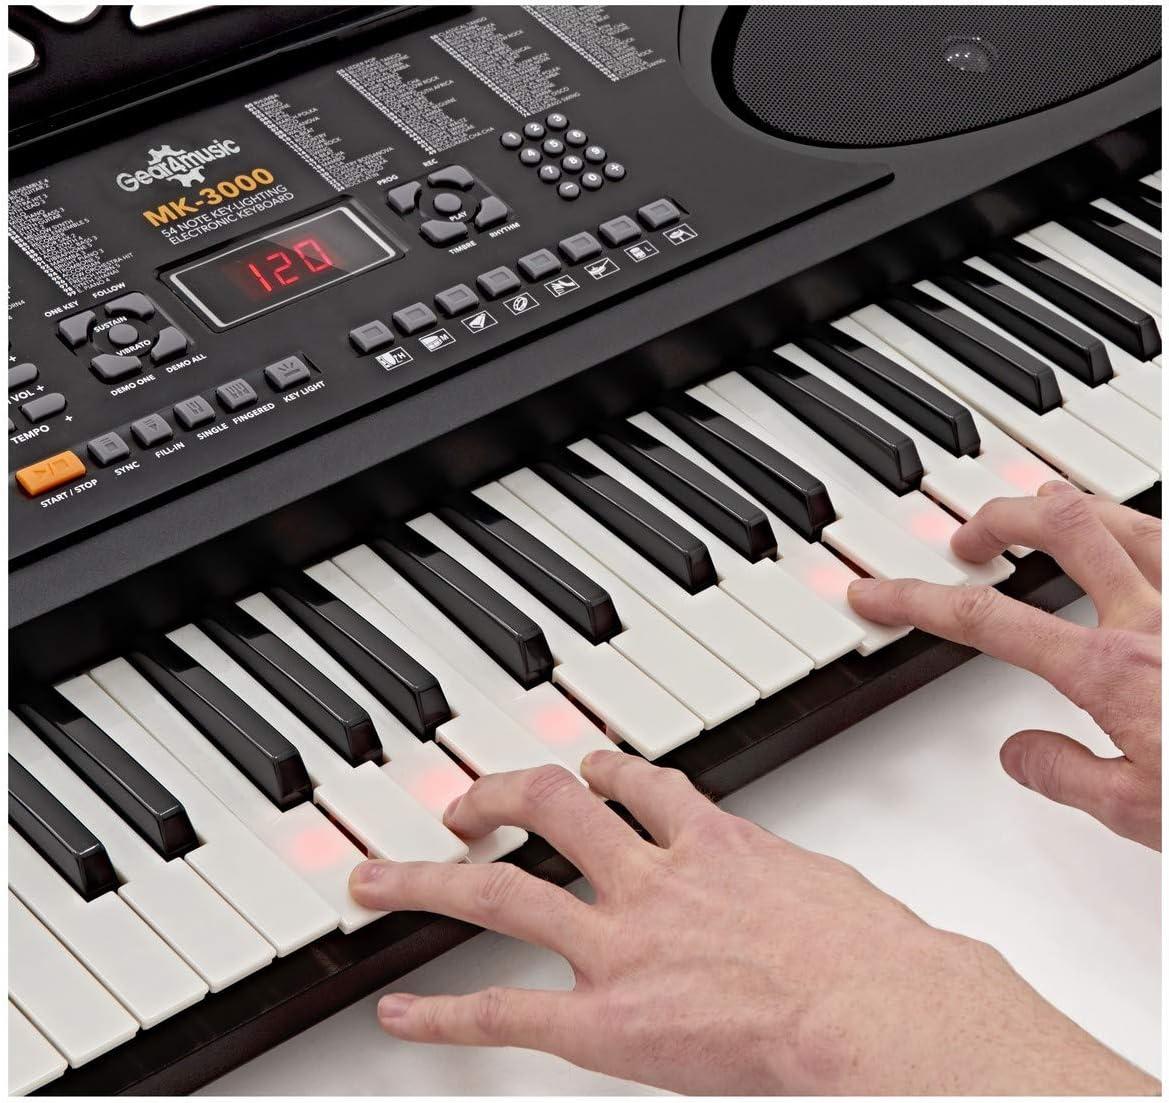 Teclado con Teclas Luminosas MK-3000 de Gear4music